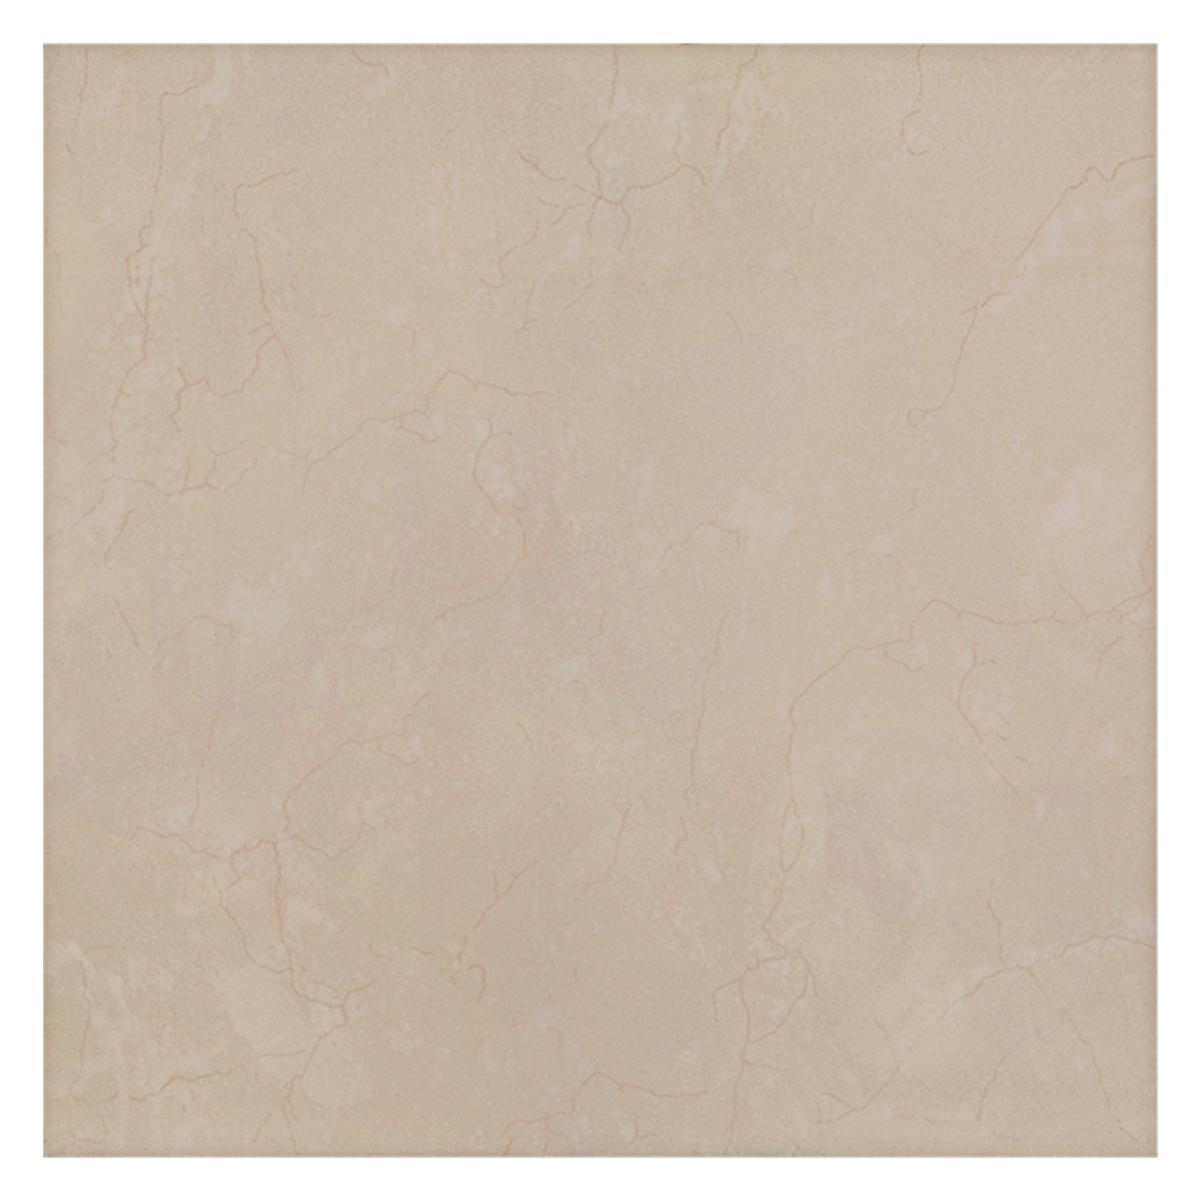 Porcelanato Marmol Beige Brillante - 60X60 cm - 1.44 m2